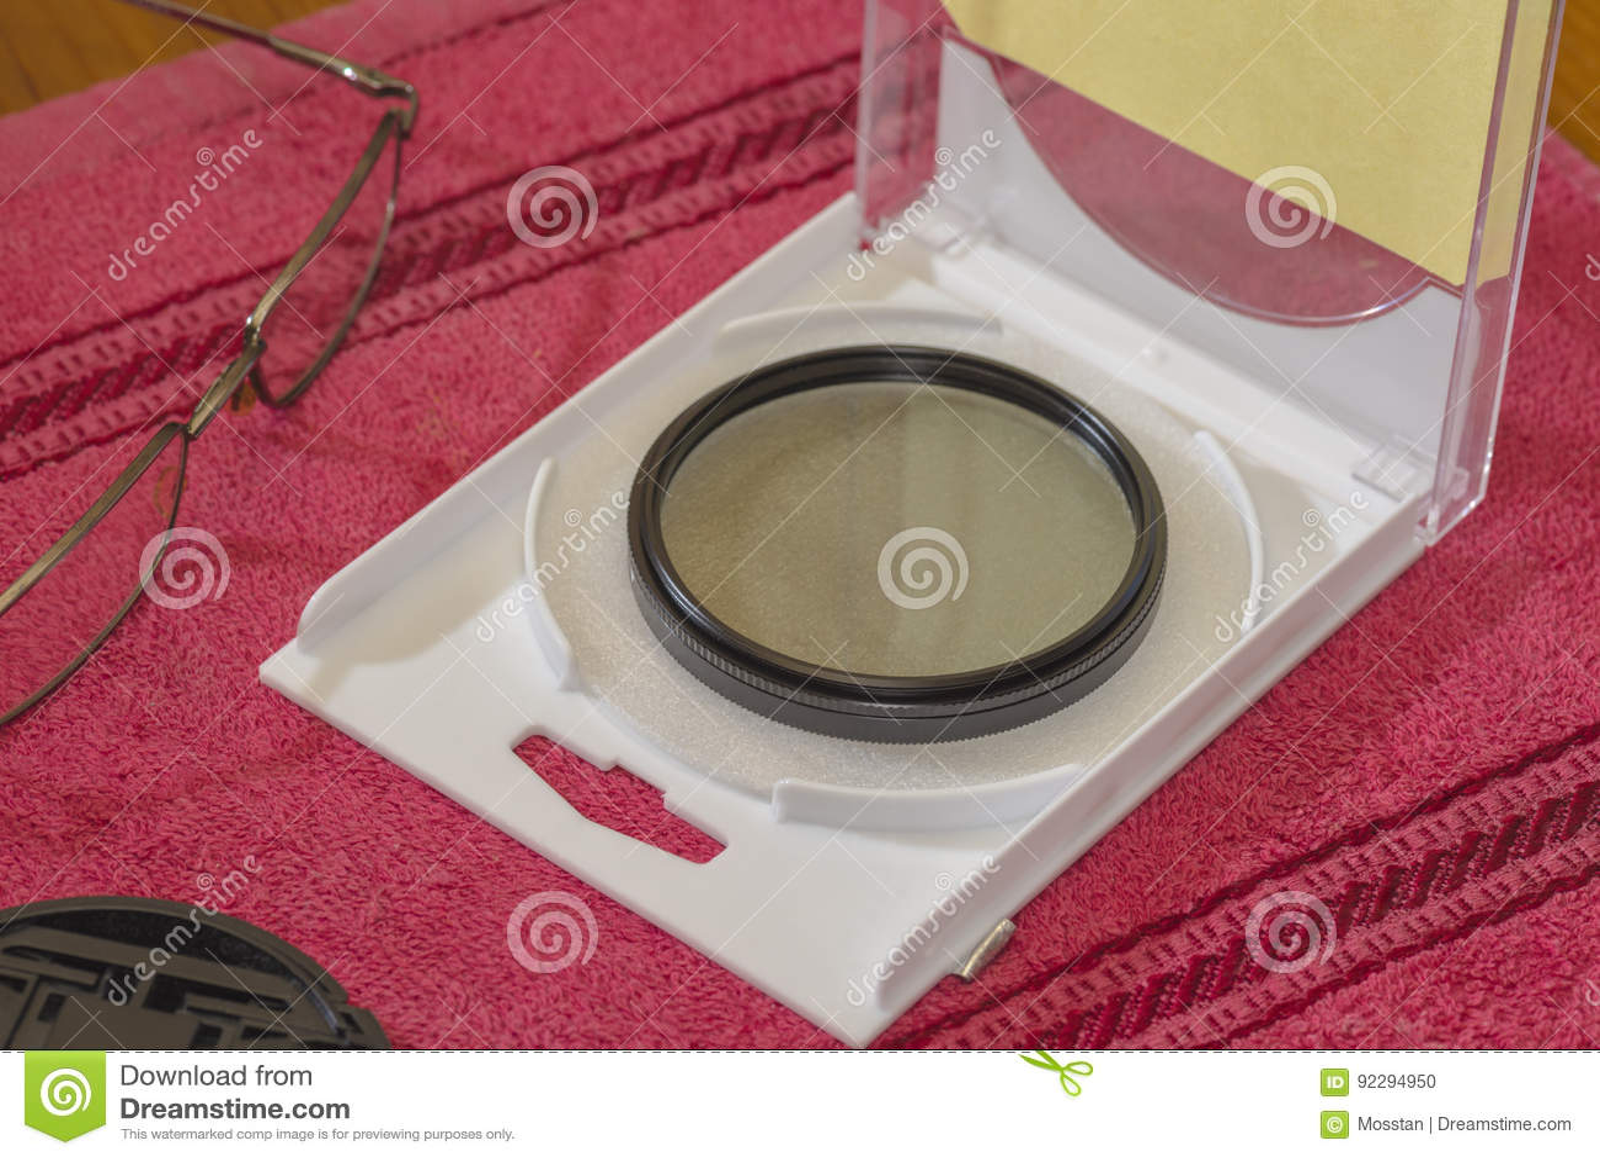 Filtro COMPLETO di polarizzazione per la lente sulla tavola in una scatola aperta